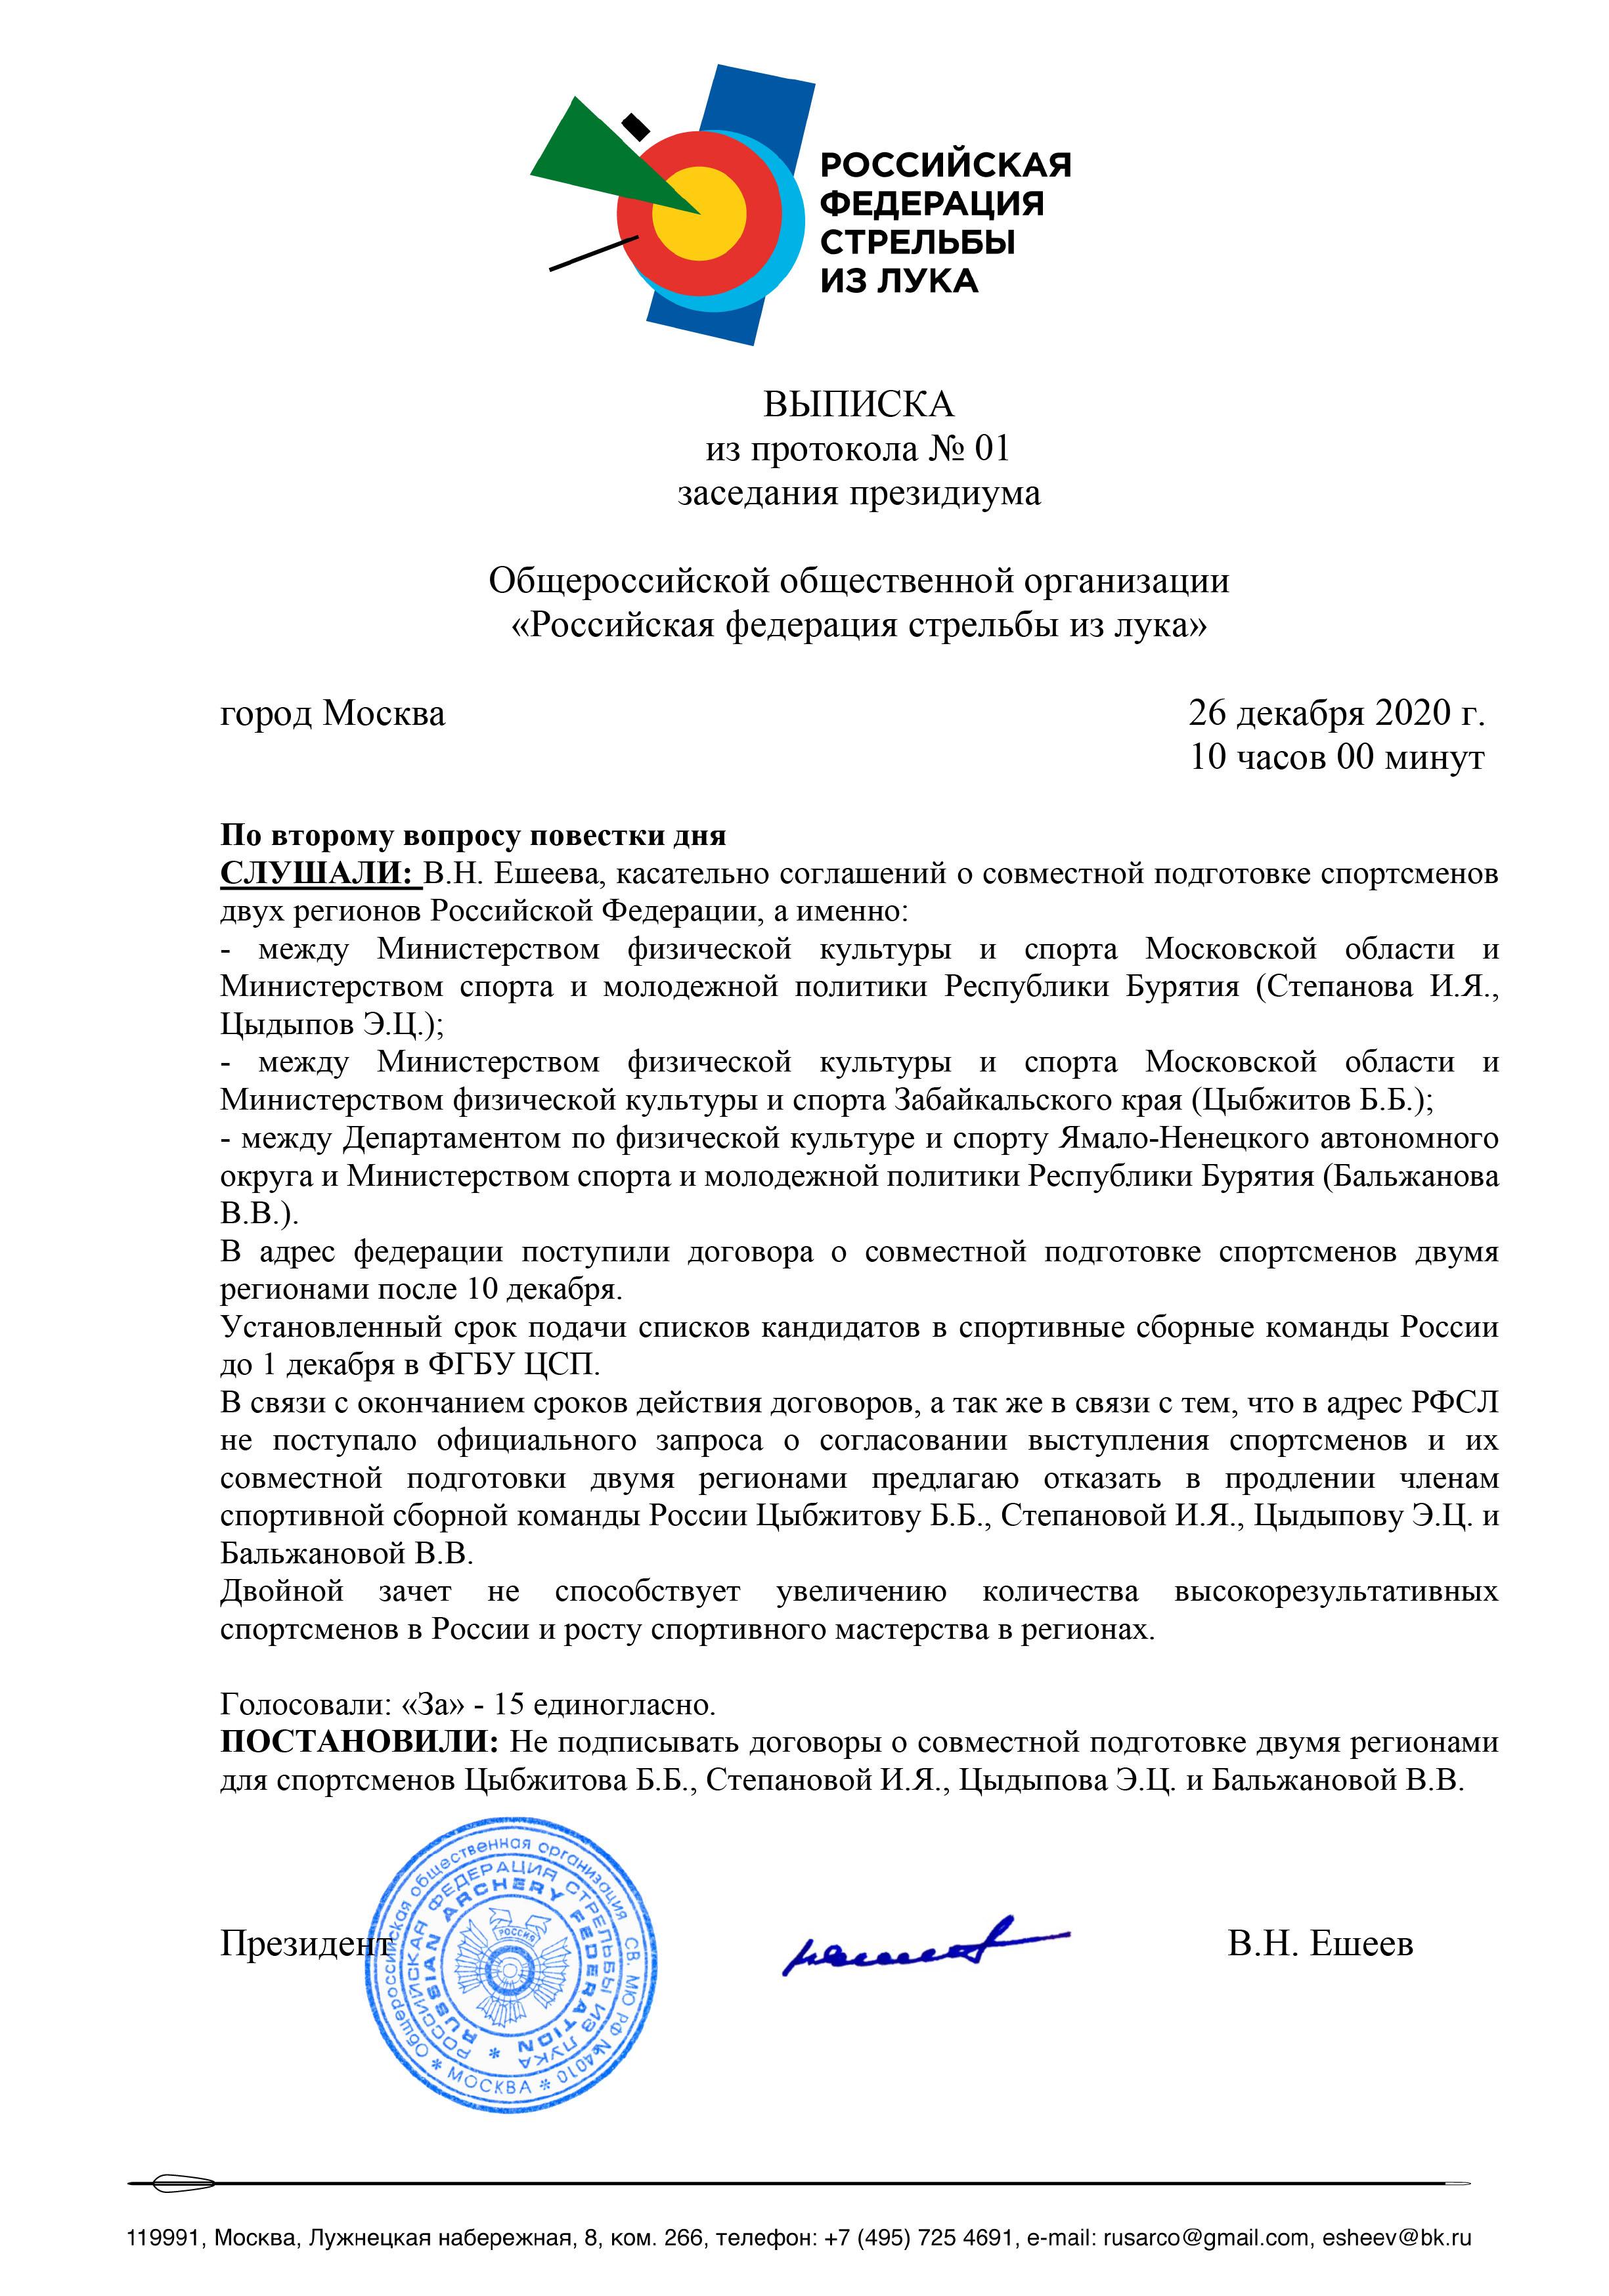 https://archery.su/public/img/Vipiska2_sovmestnaya_podgotovka1612808643121.jpg